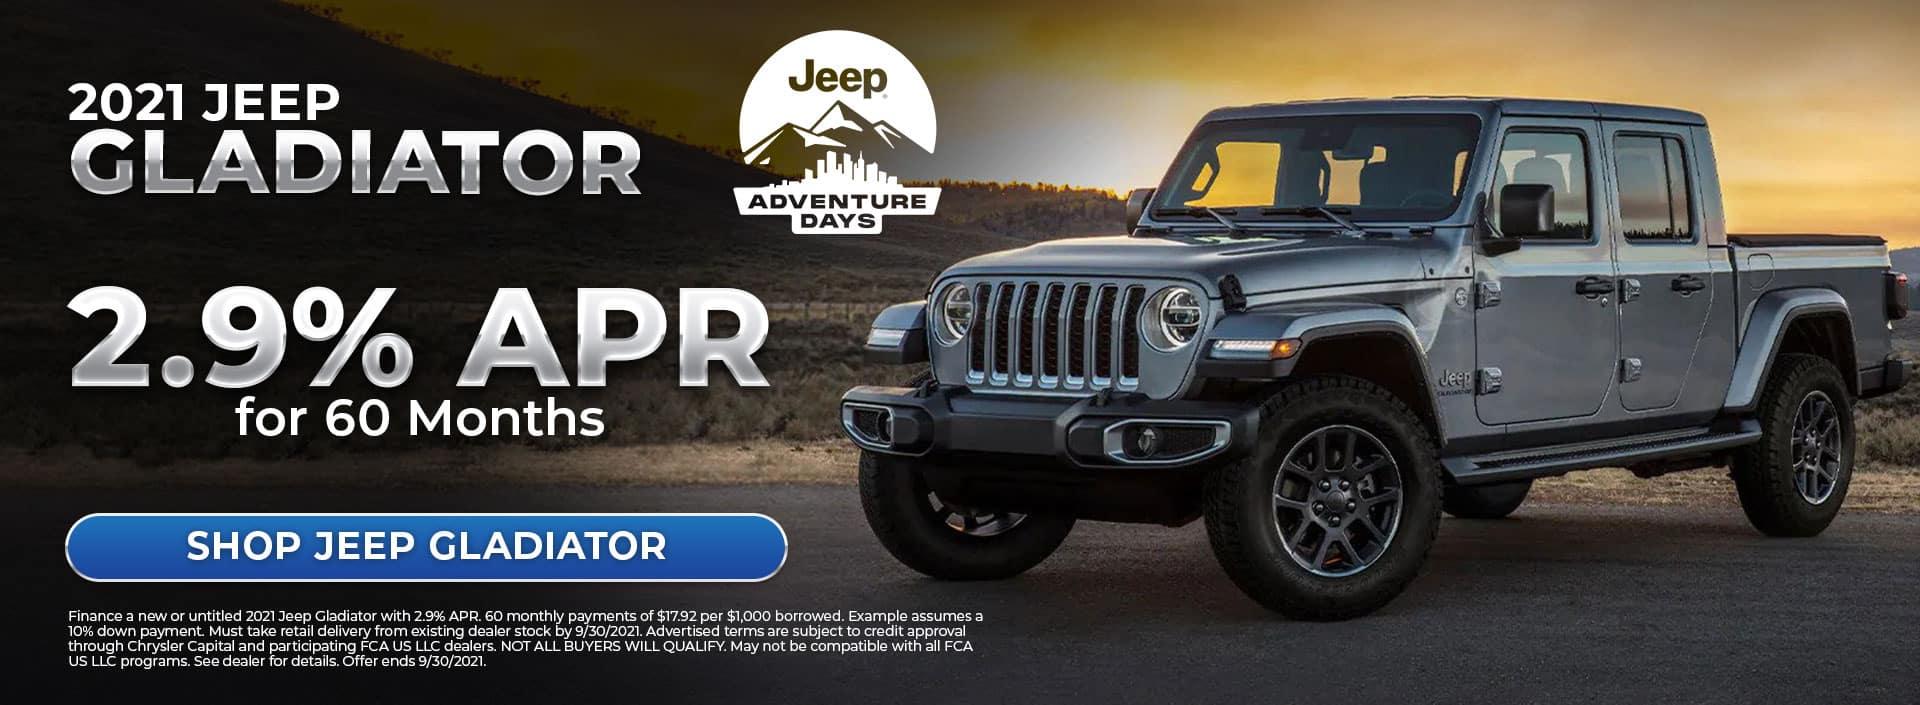 2021 Jeep Gladiator Offer at Bonham Chrysler in Texas